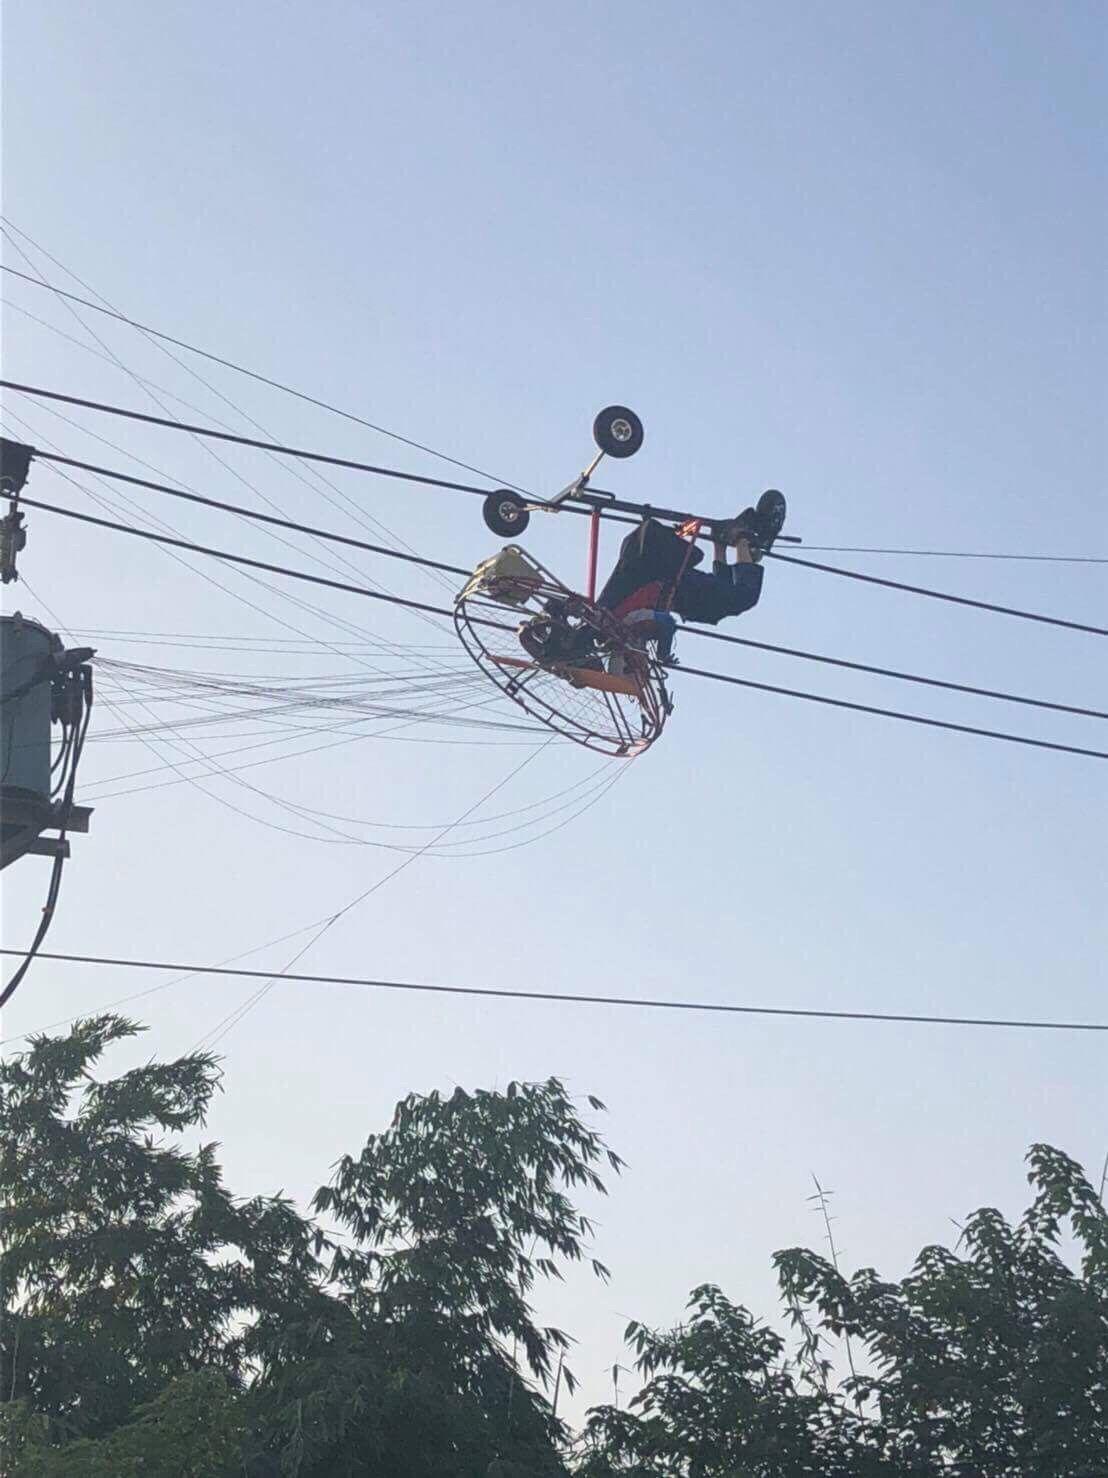 消防局獲報發現,張姓男子連人帶飛行傘,卡在慶光路輸電電纜線上。圖/台中市消防局提...